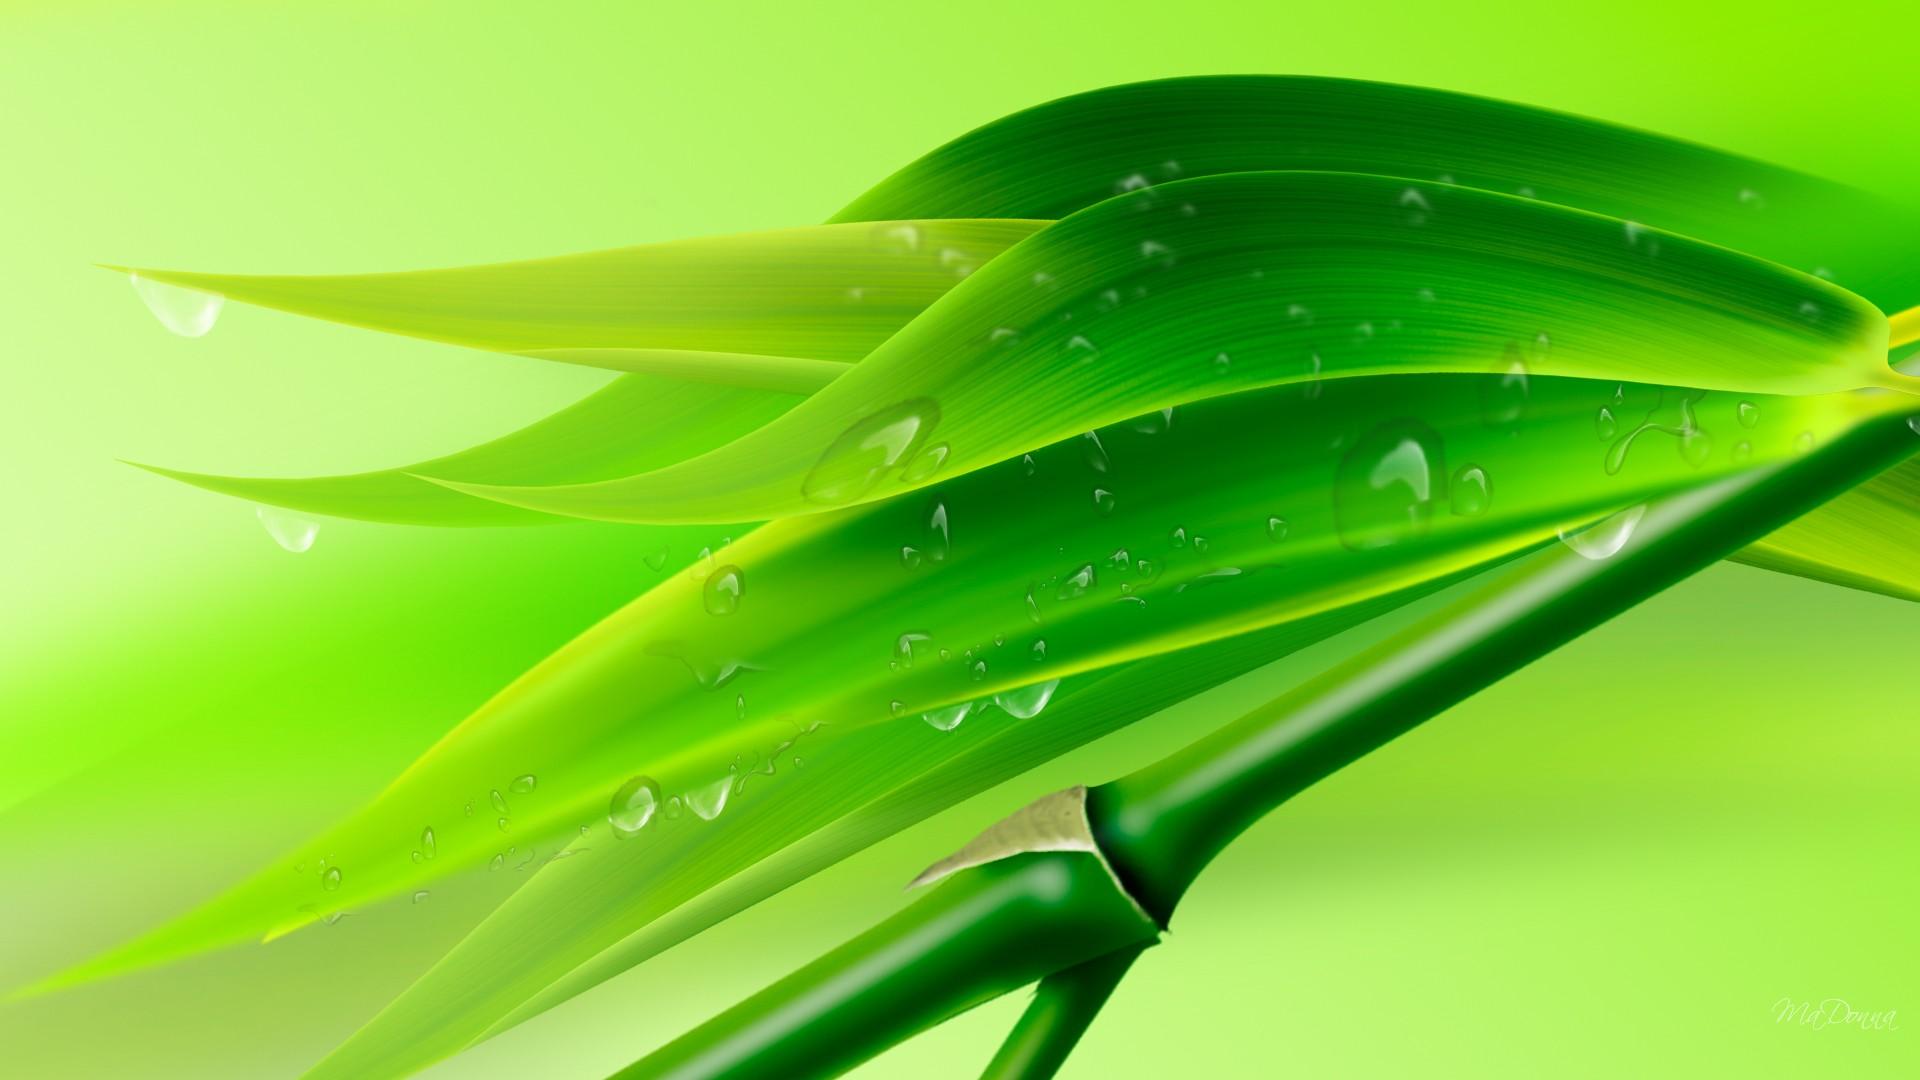 Fall Leaves Desktop Wallpaper Free Bamboo Wallpaper Hd Pixelstalk Net